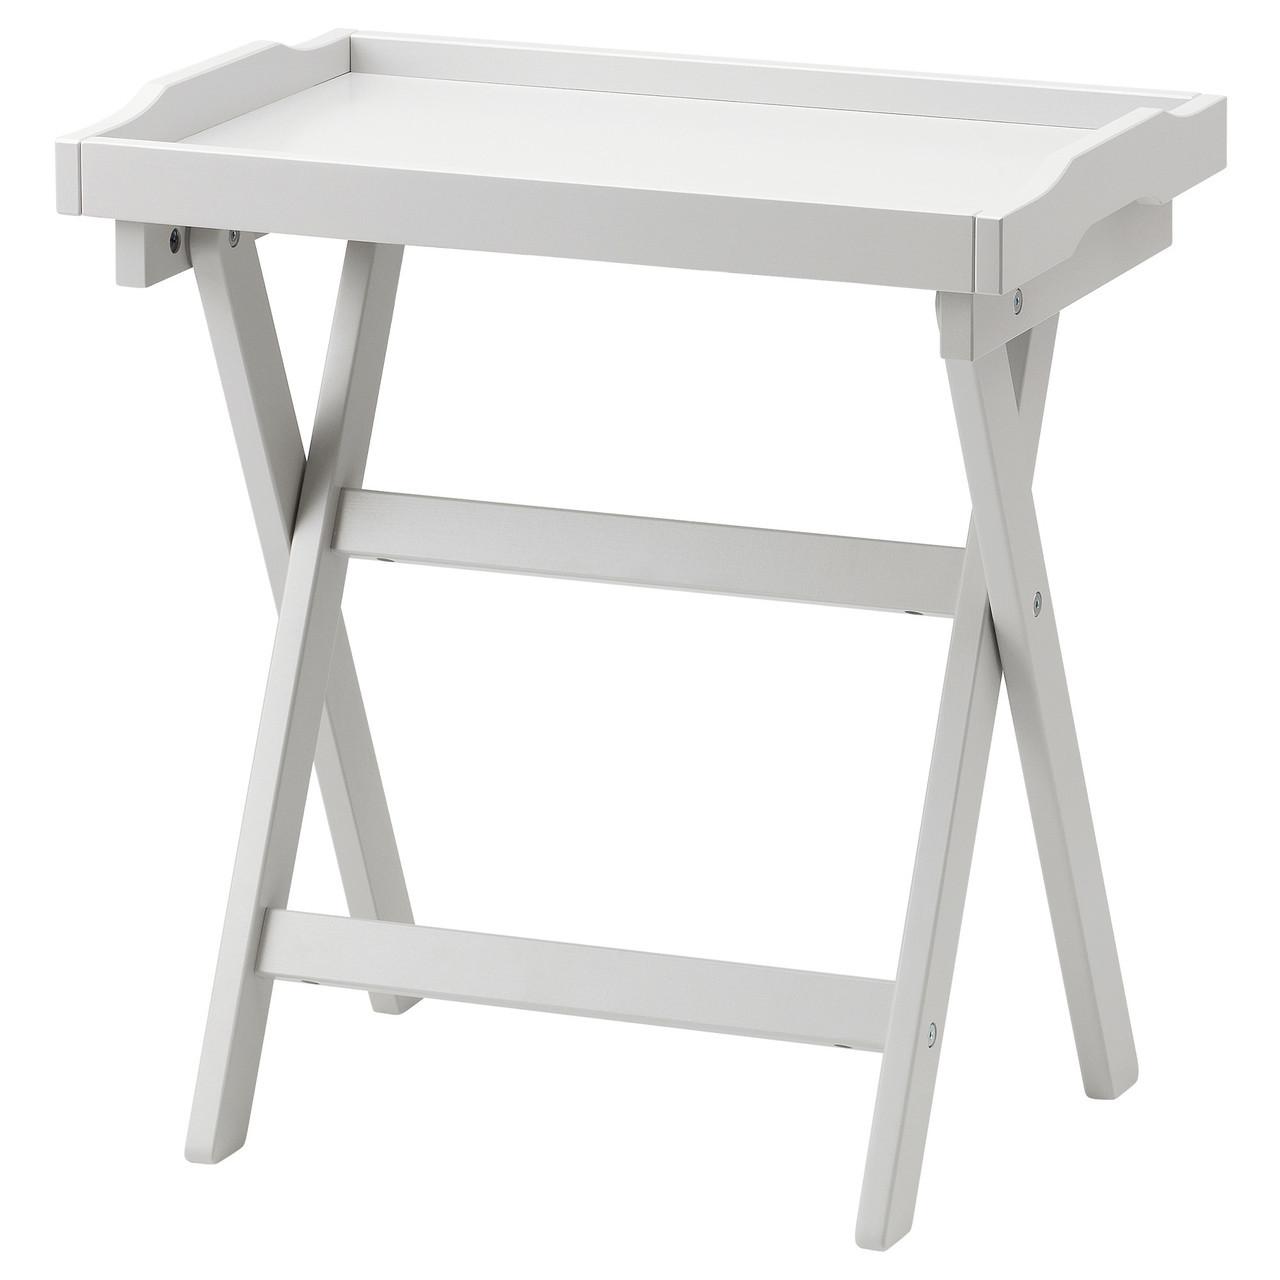 Ikea Maryd 90292725 журнальный столик серый продажа цена в